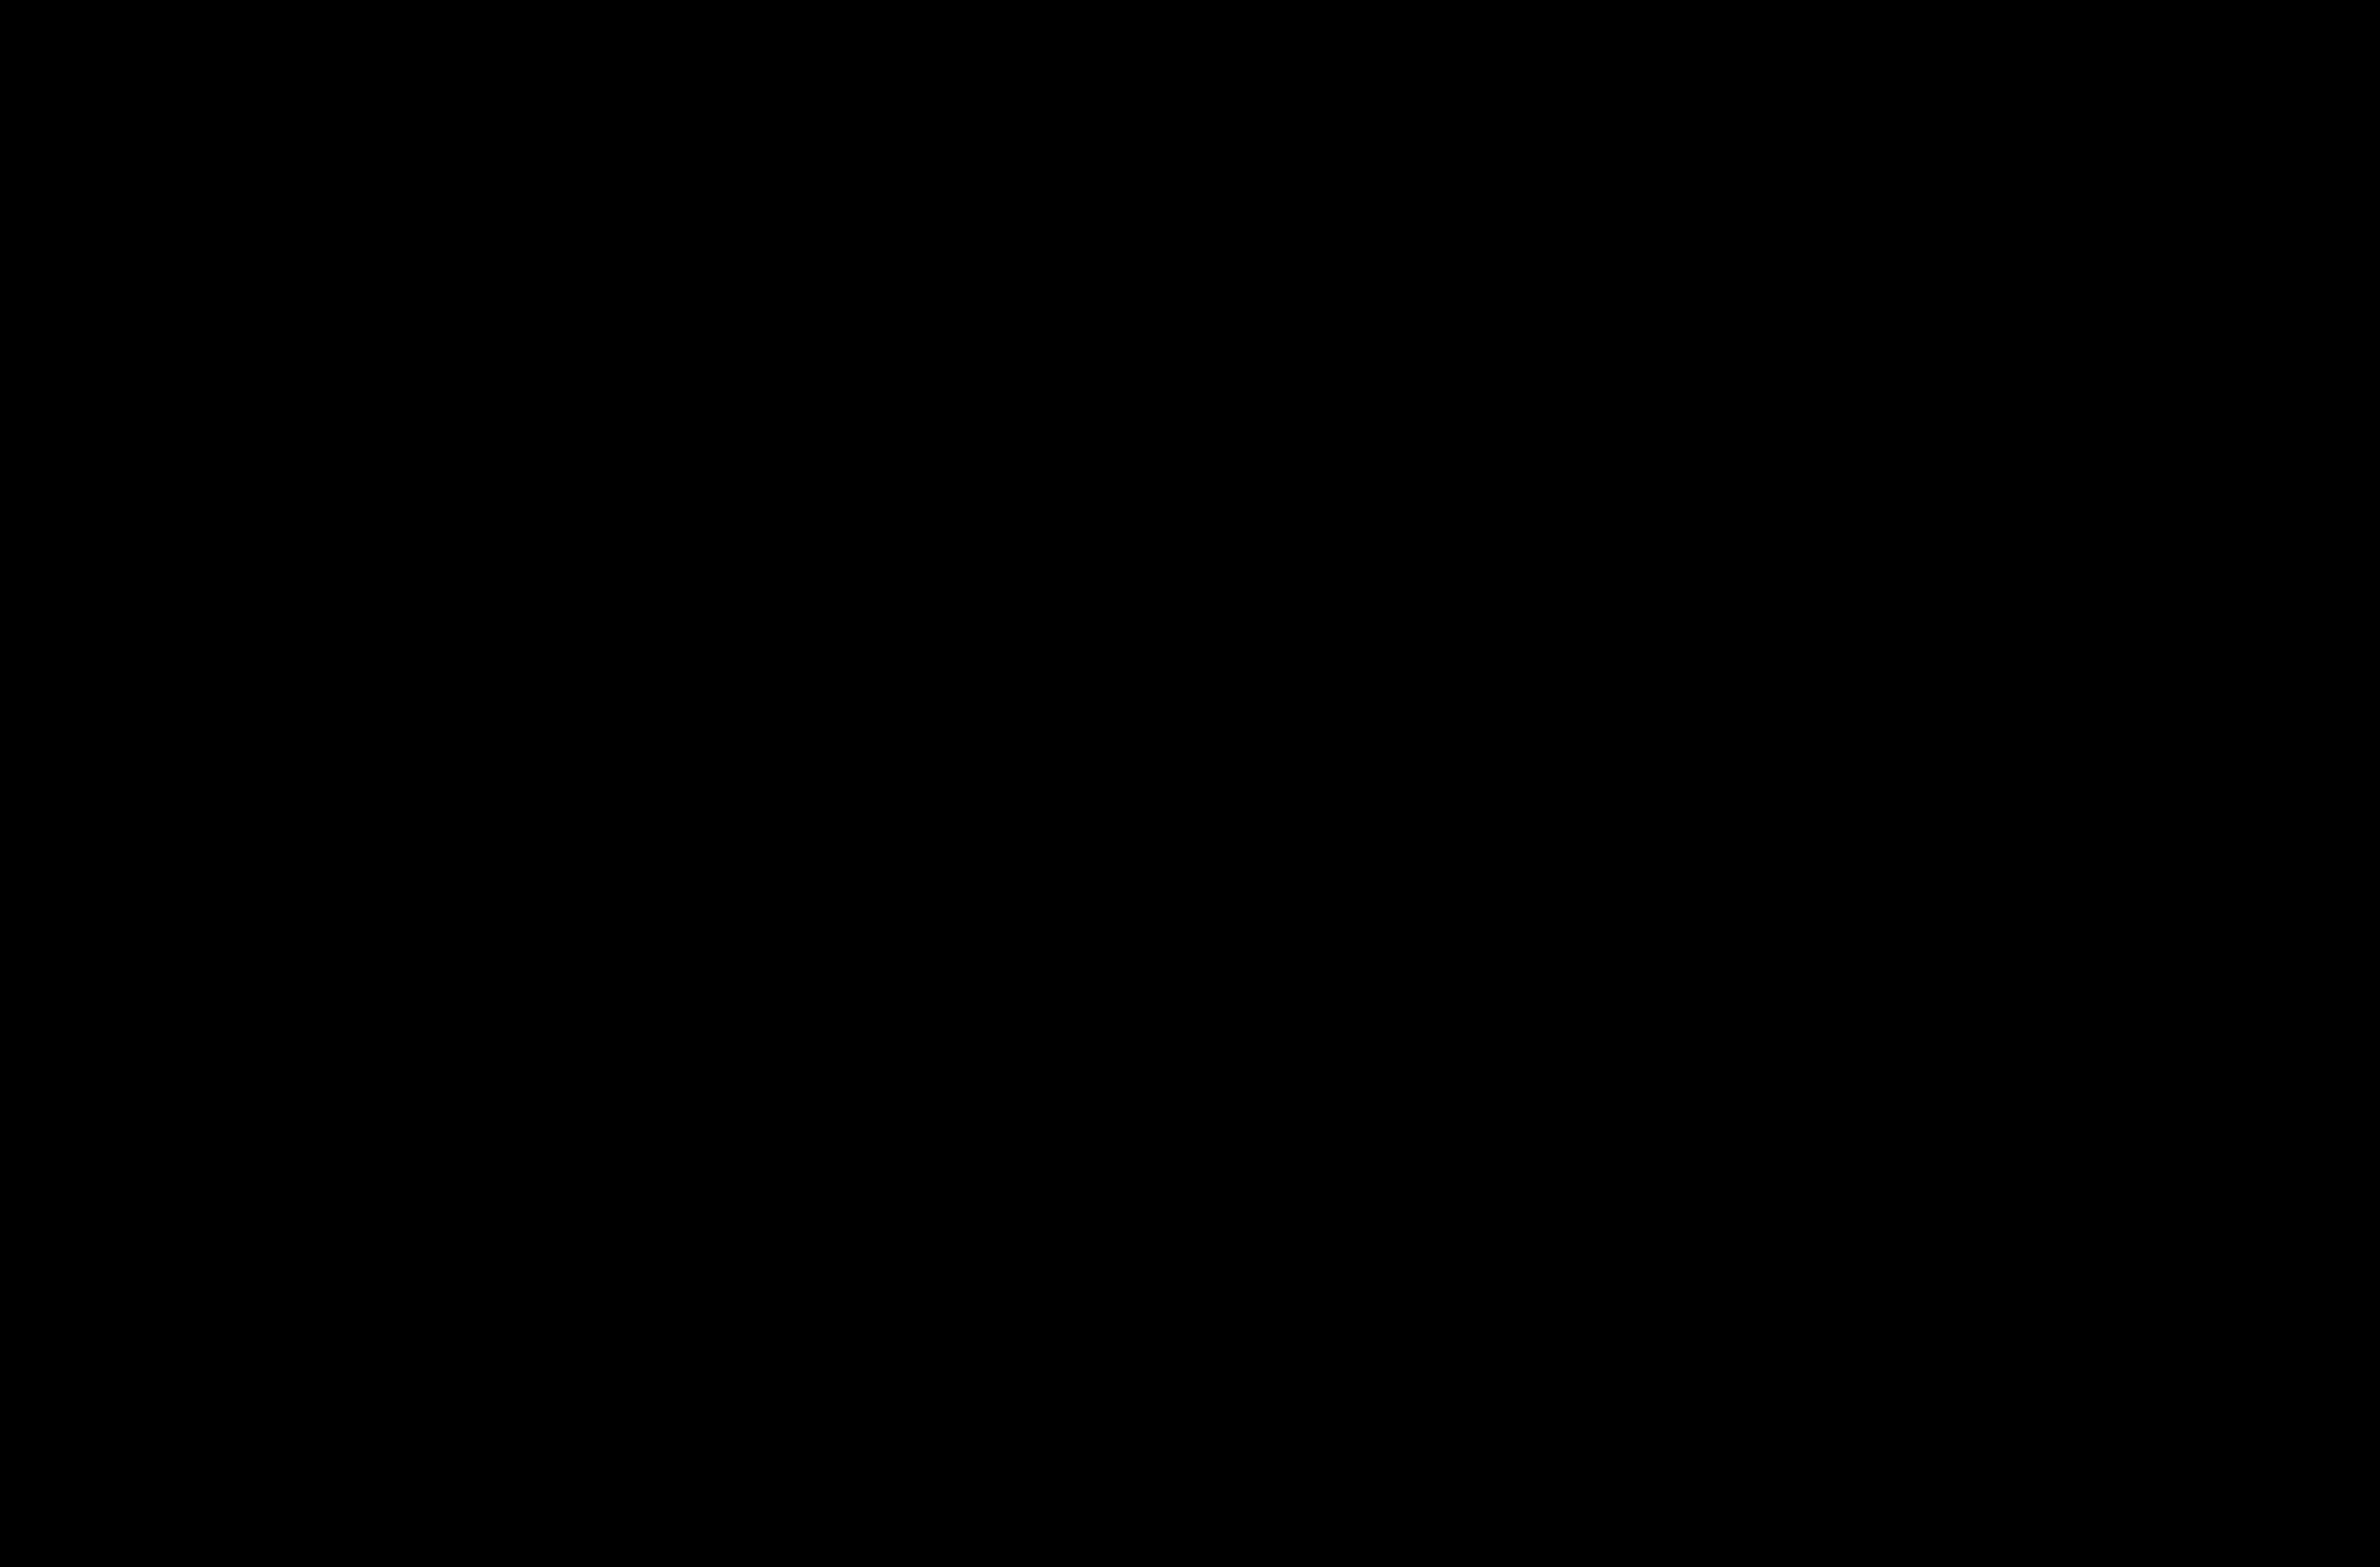 cupra logo 1 - CUPRA Logo